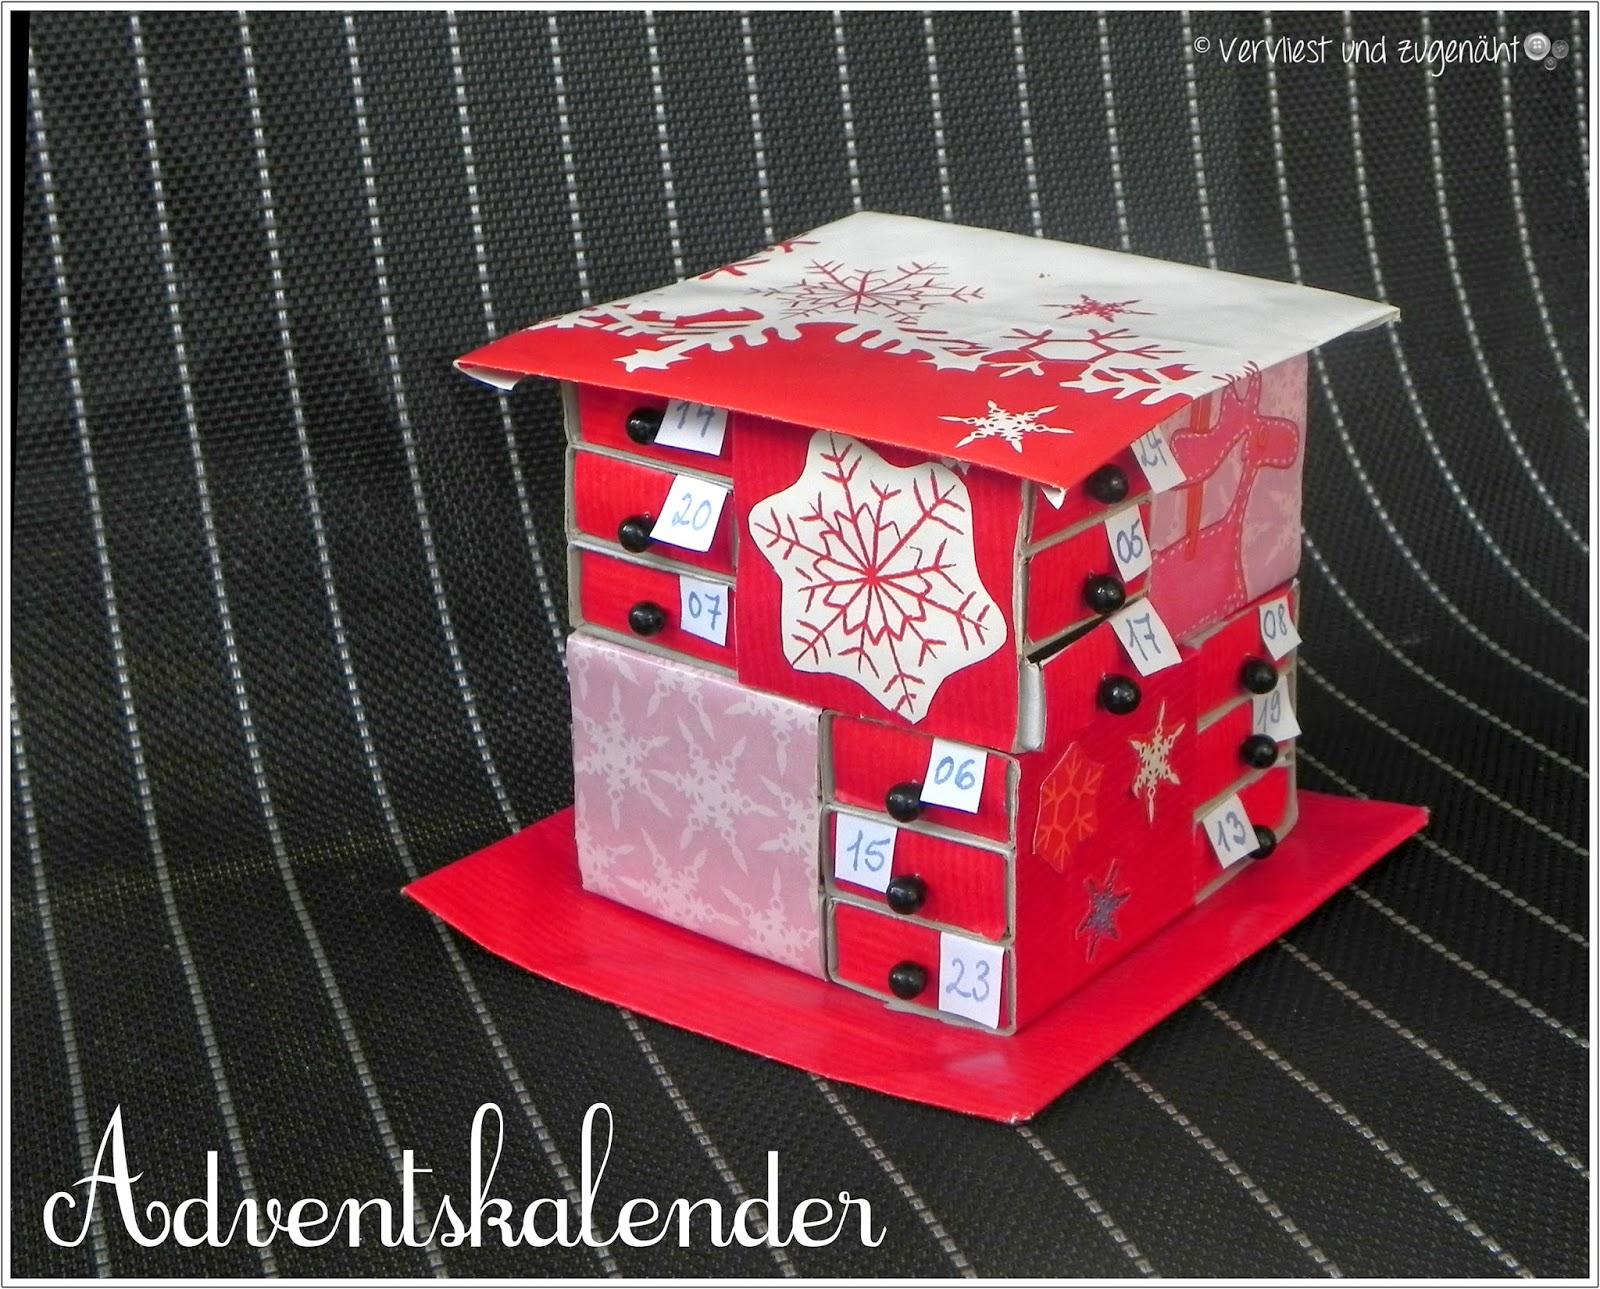 vervliest und zugen ht streichholzschachtel adventskalender. Black Bedroom Furniture Sets. Home Design Ideas